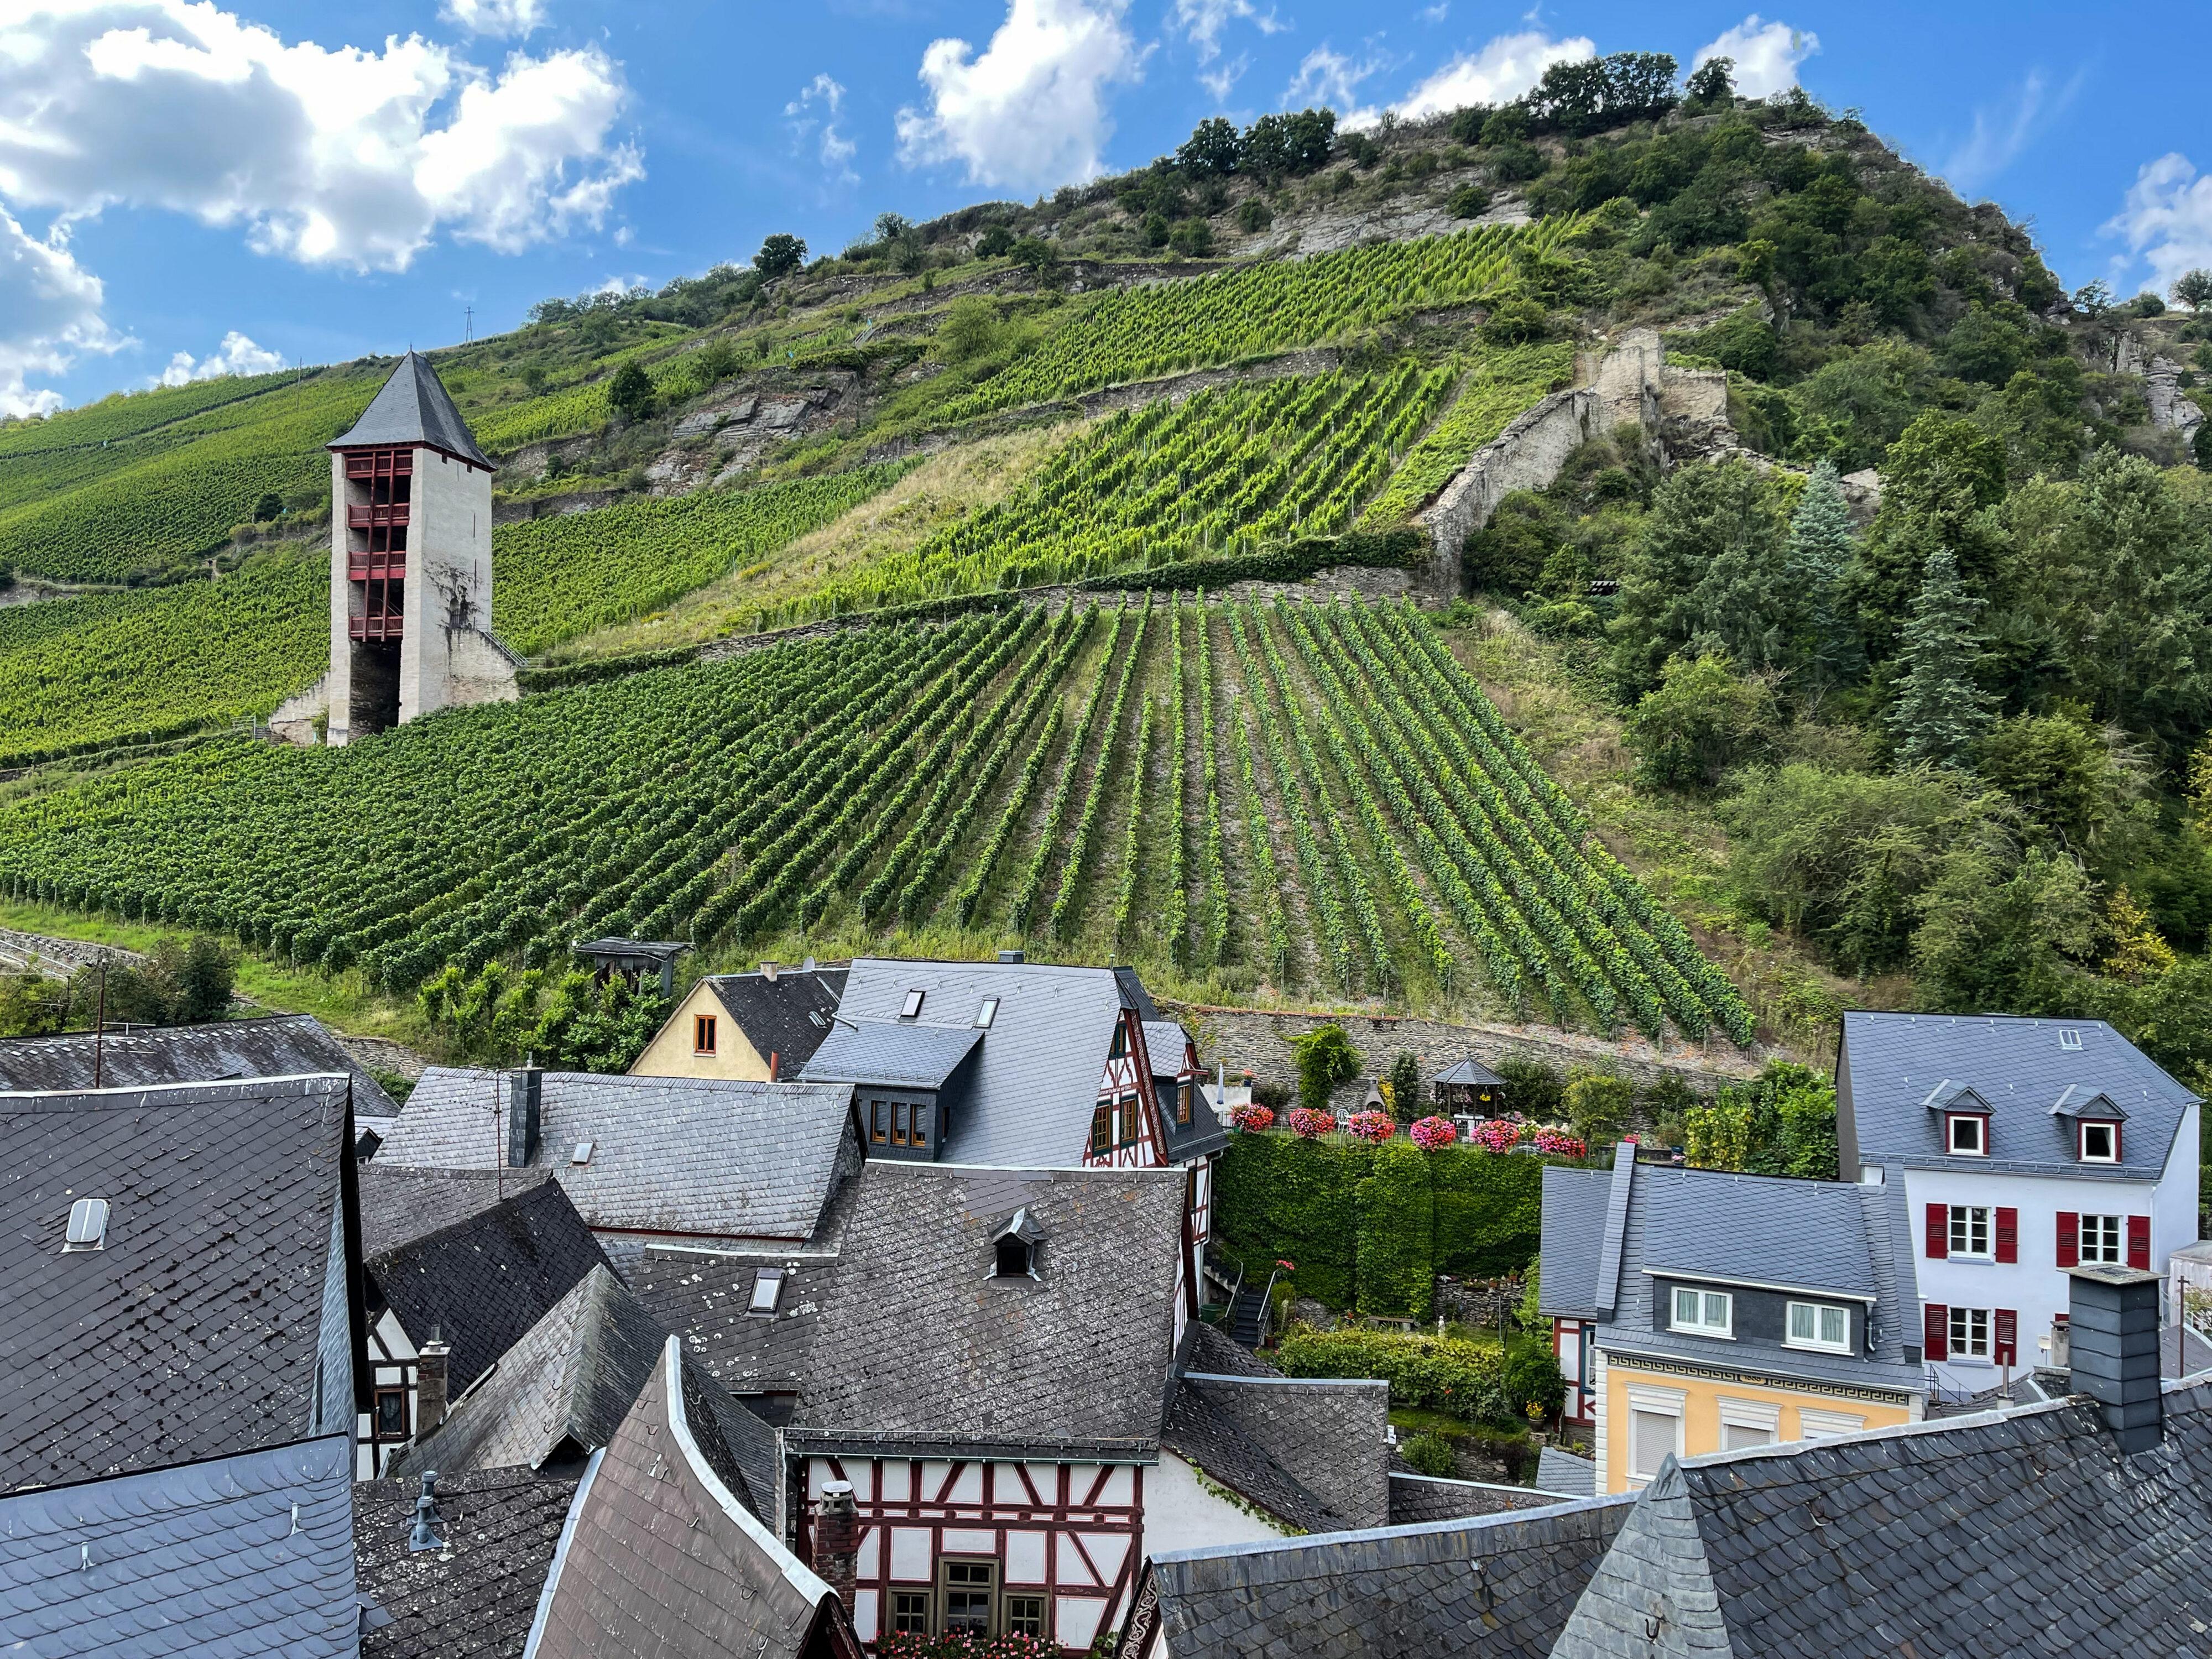 Bacharach – ein Schmuckstück der Rheinromantik: Postenturm mit Steillagen des Weinbaus